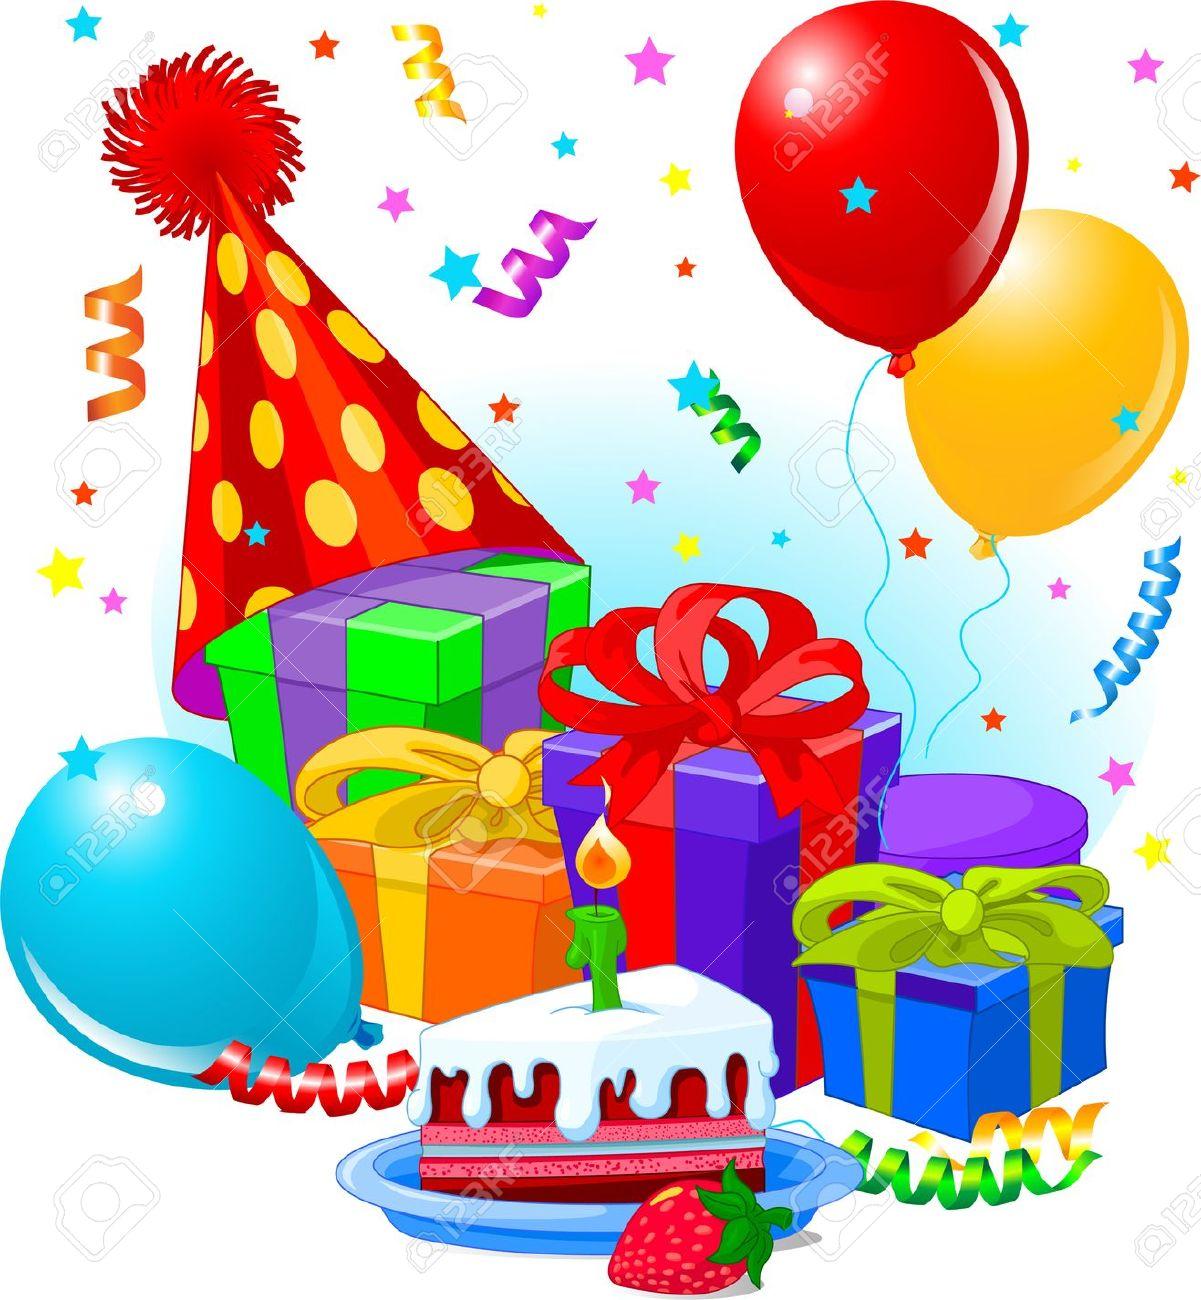 Geburtstag feiern clipart graphic Geburtstagsgeschenke Und Dekoration Bereit Für Geburtstagsparty ... graphic